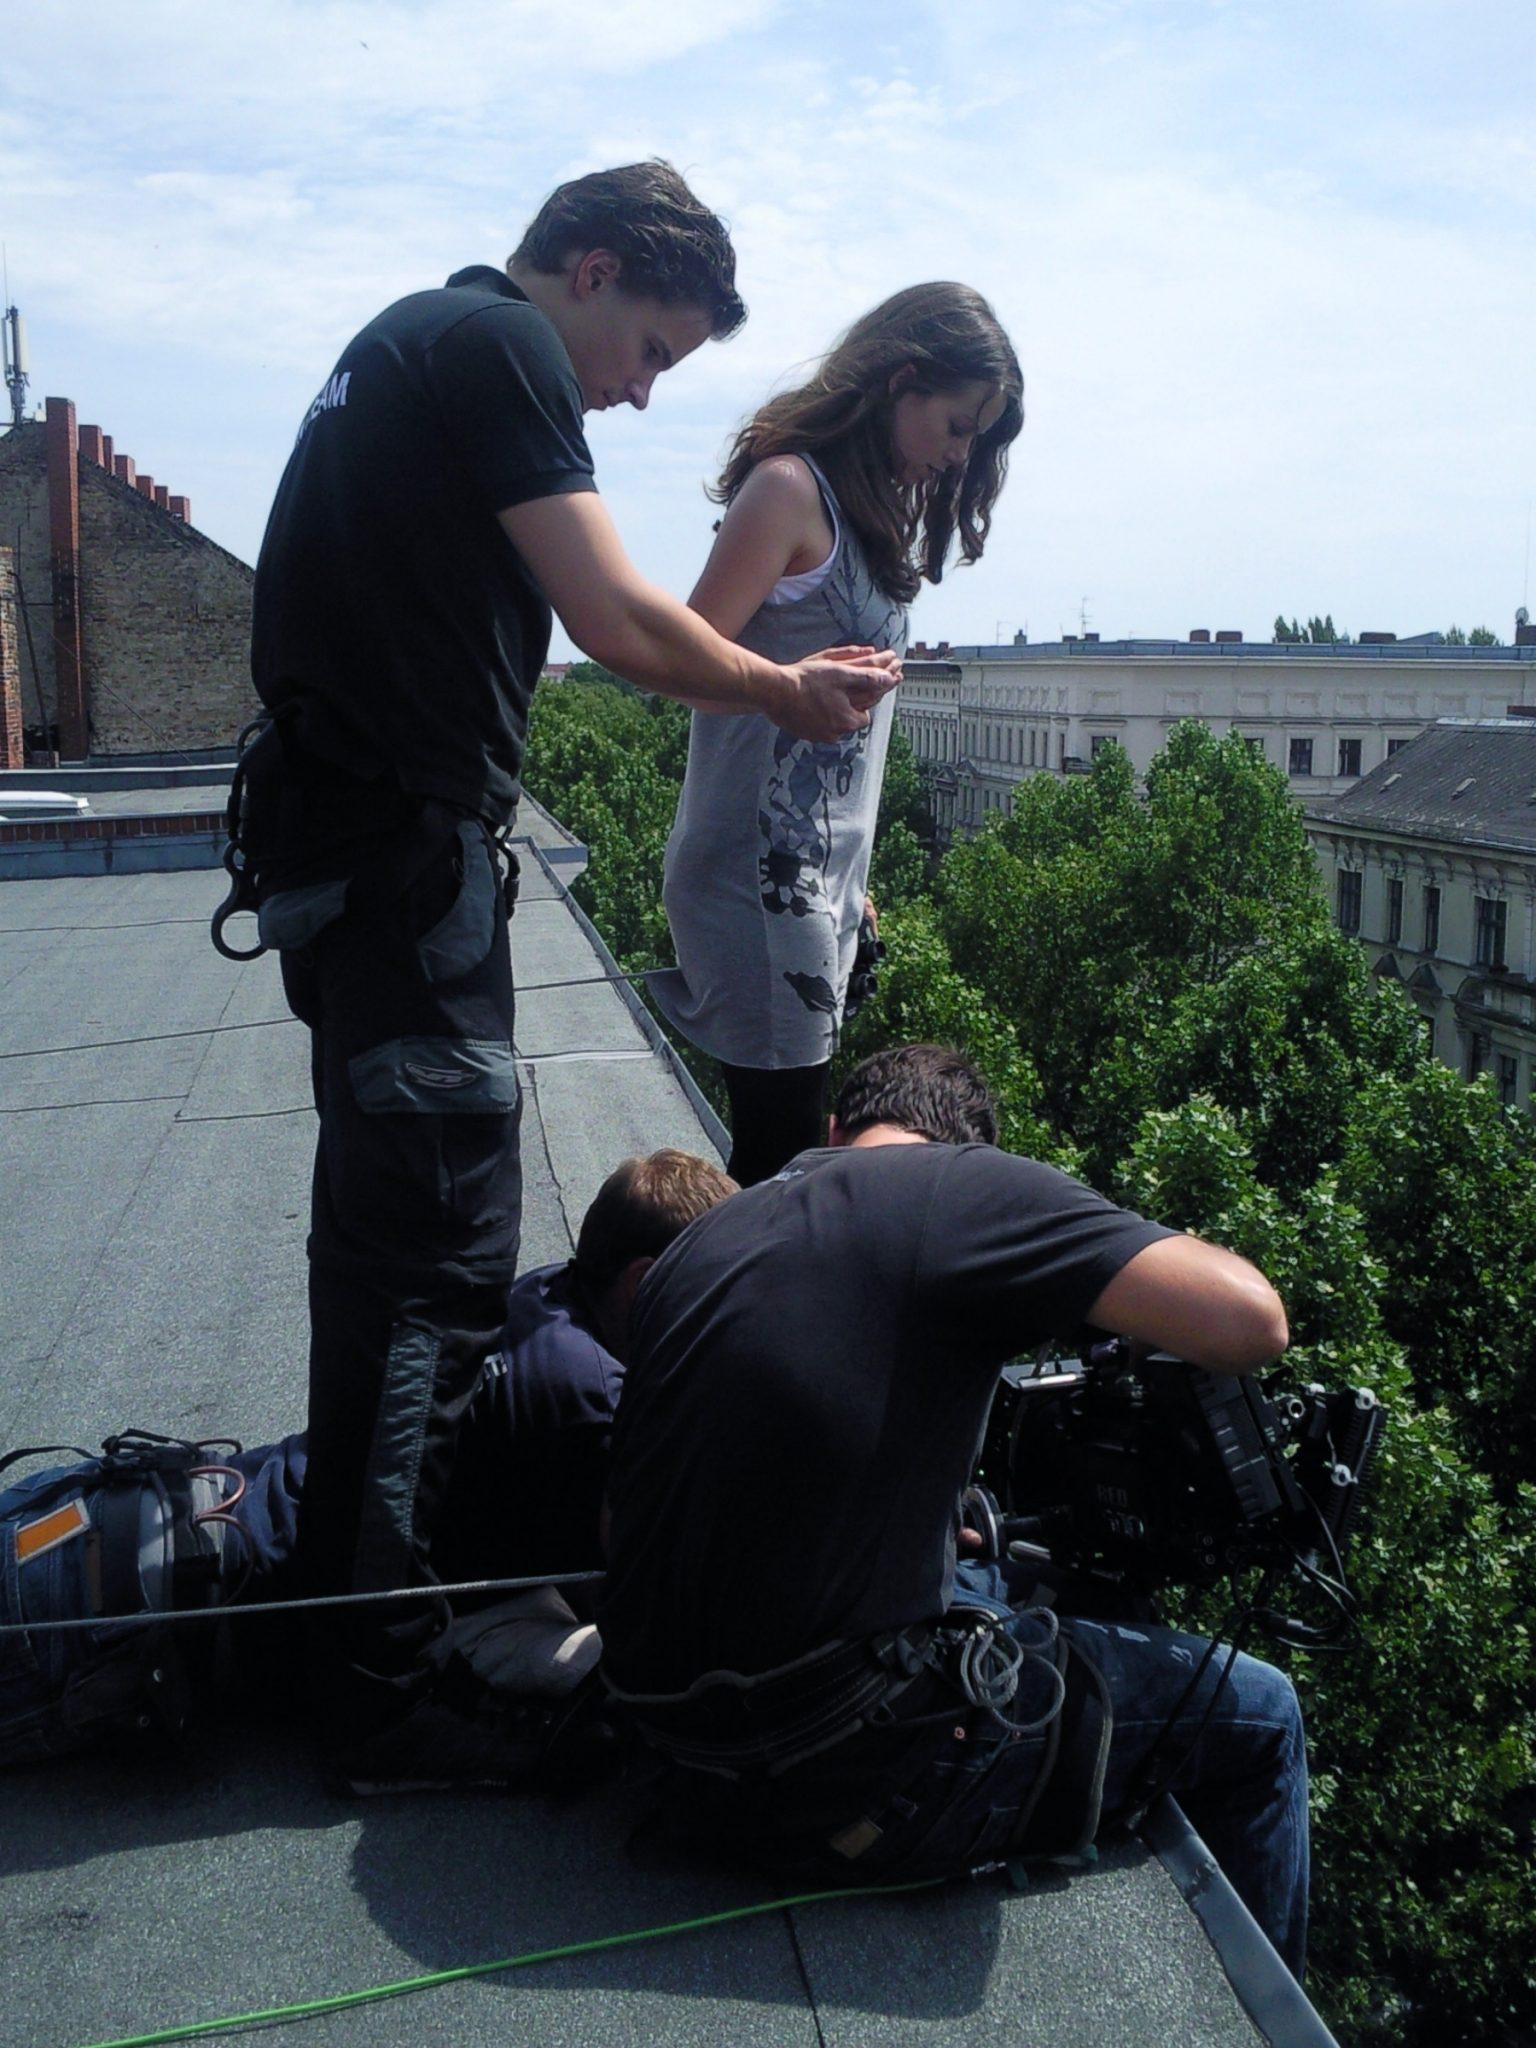 MG-Action, Martin Goeres, Stuntkoordination, Neiiiin, Rigging, Safety, Movie